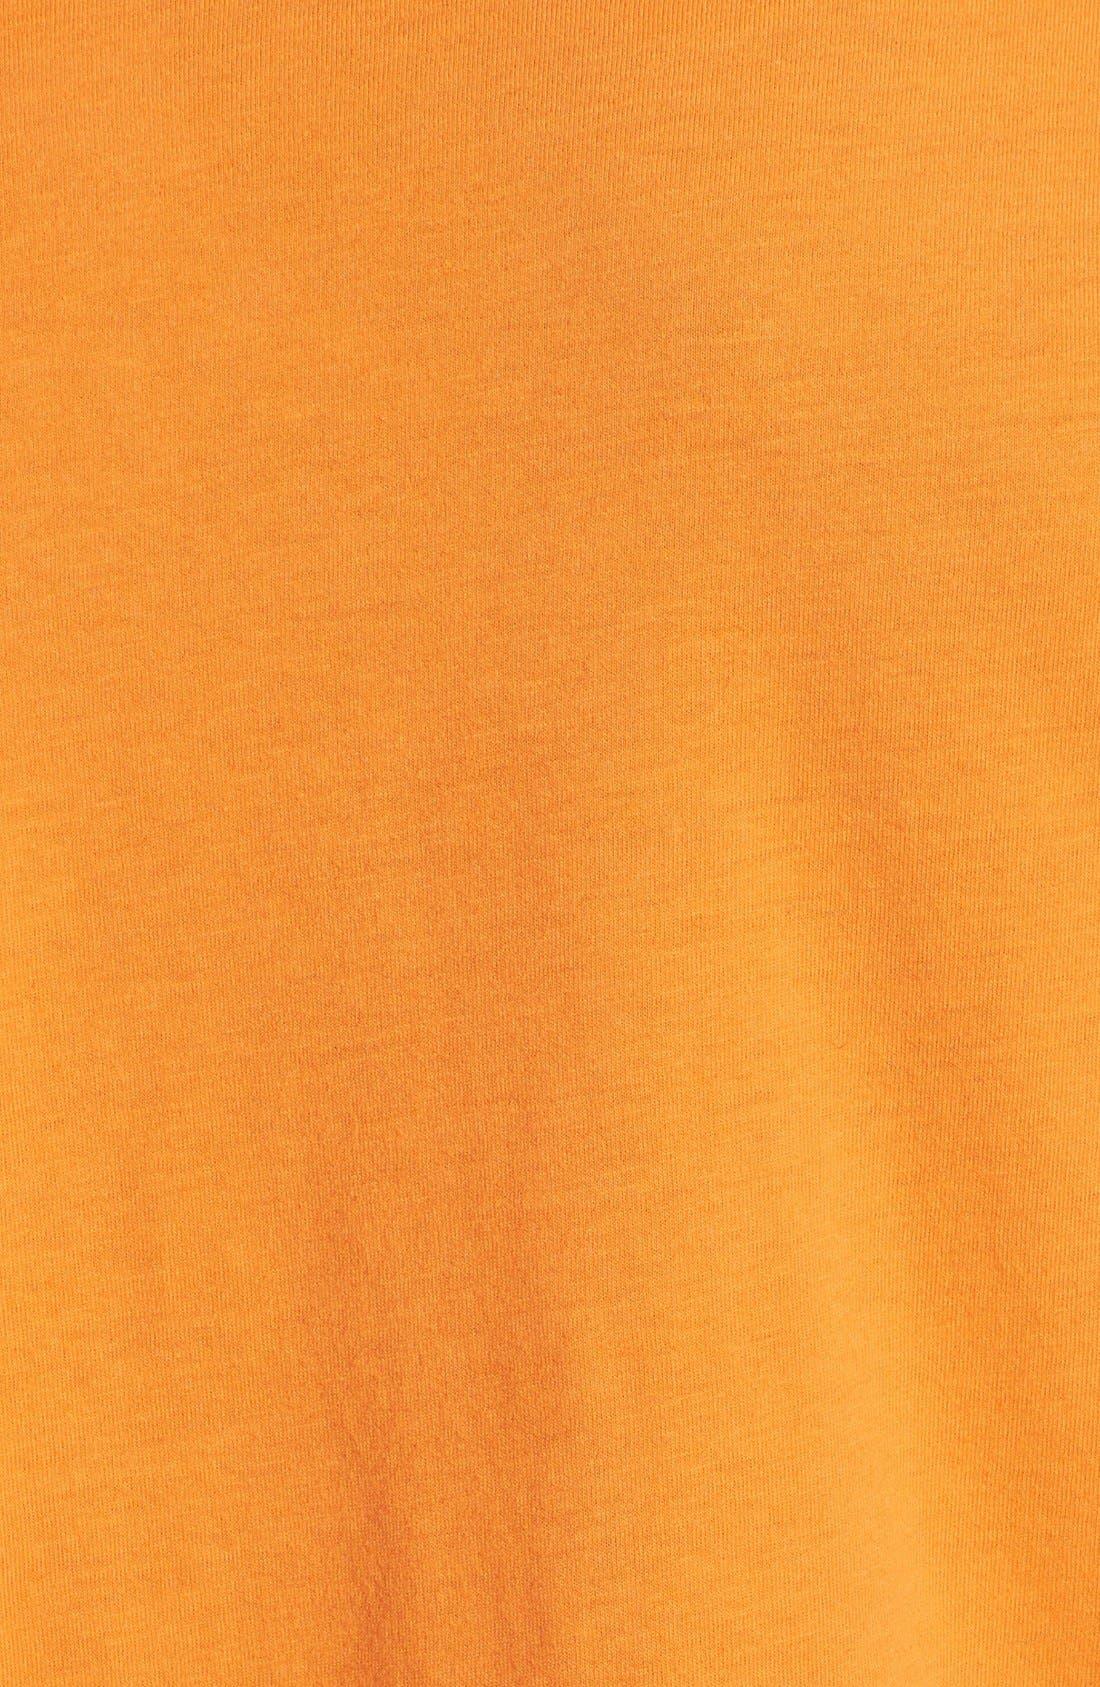 Alternate Image 3  - Retro Brand 'Virginia Tech Hokies' T-Shirt